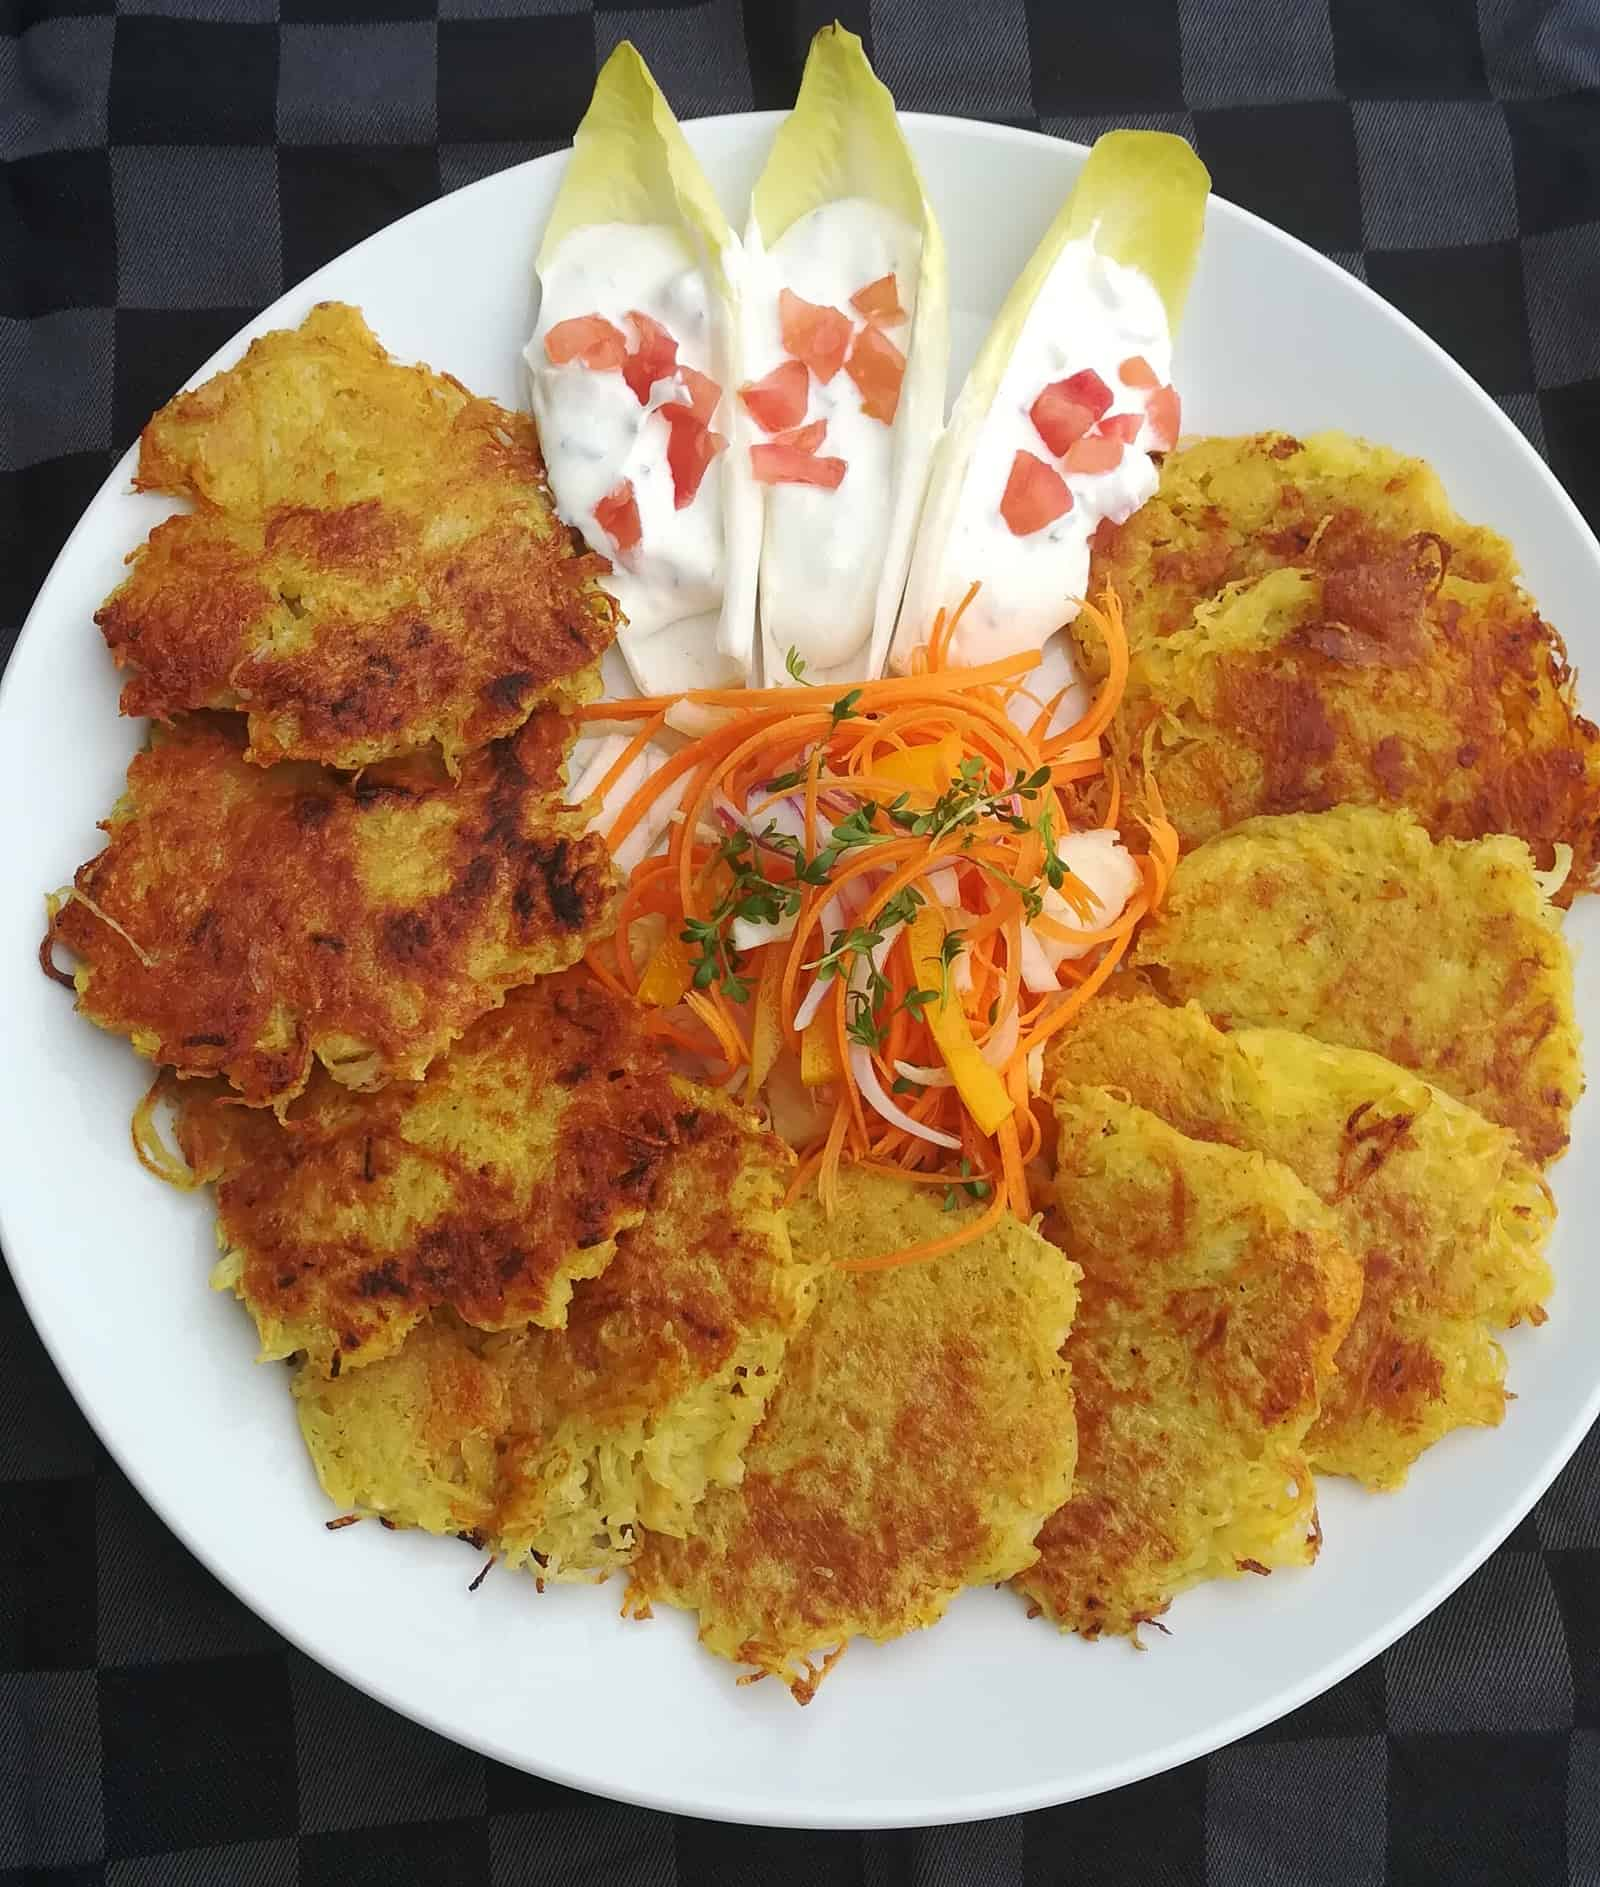 Dvojfarebné bezgluteínové zemiakové placky, k tomu chicoree plnené smotanou